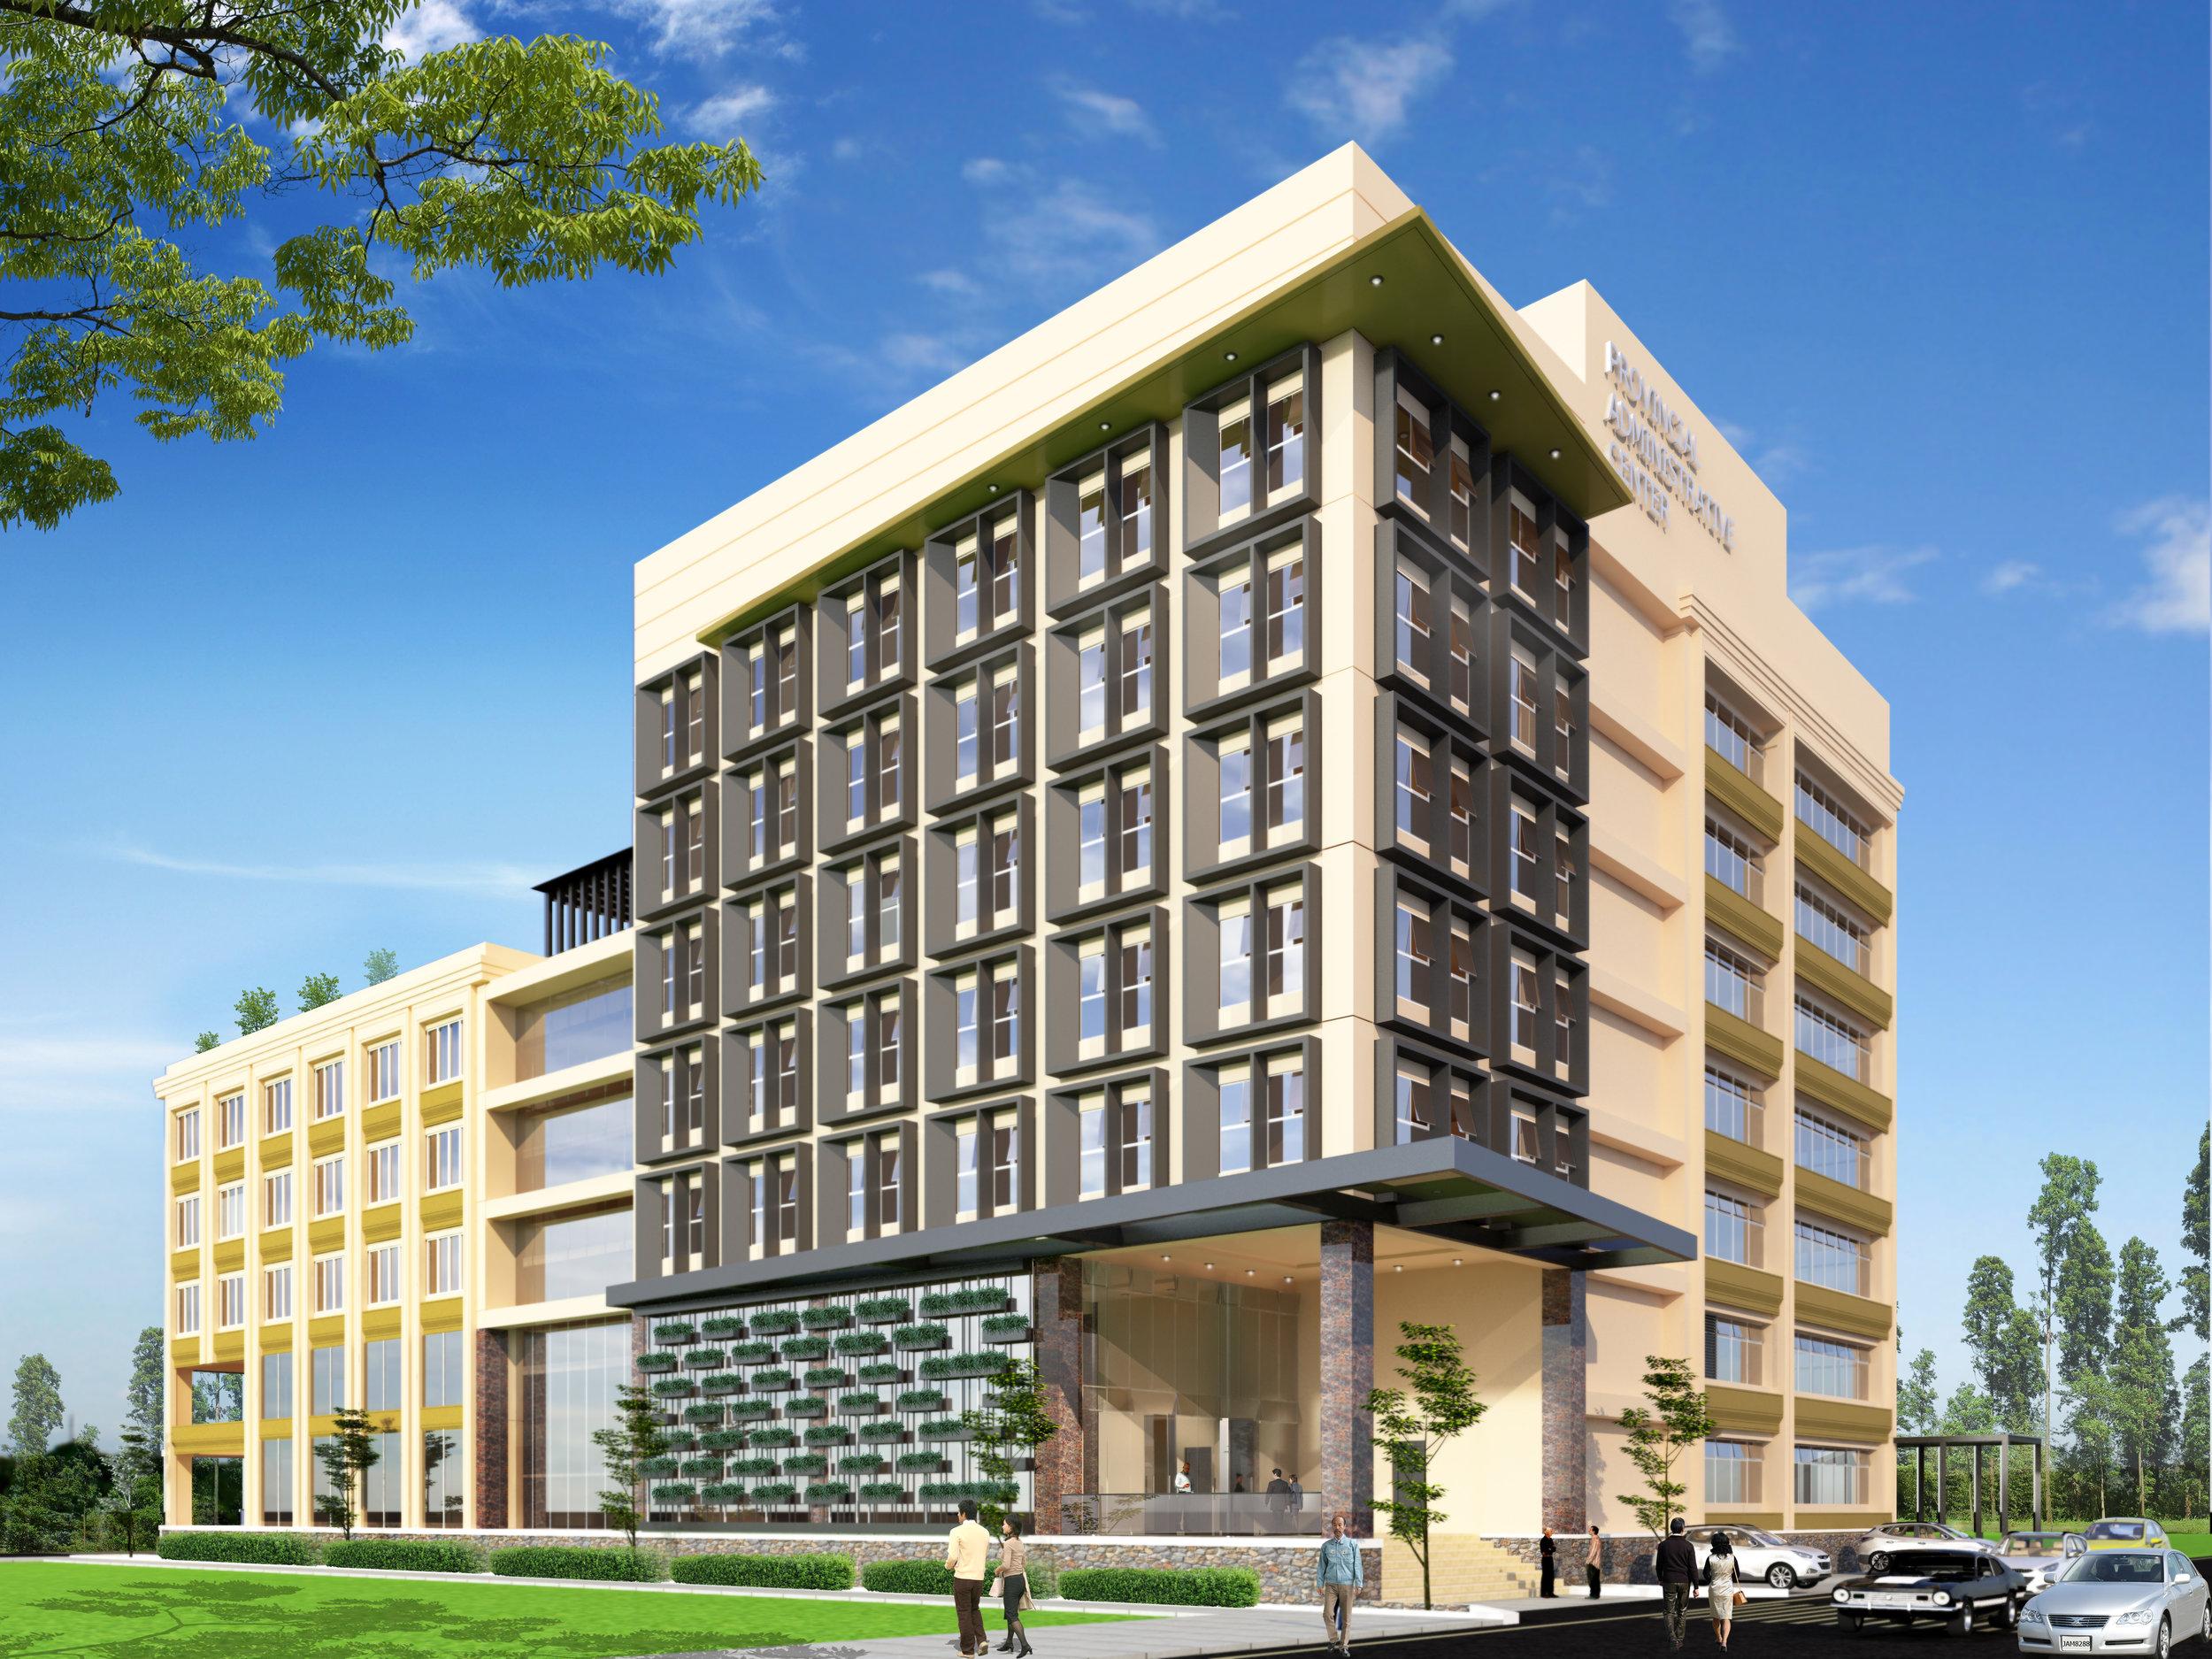 Negros Occidental Provincial Administrative Center (PAC) Building